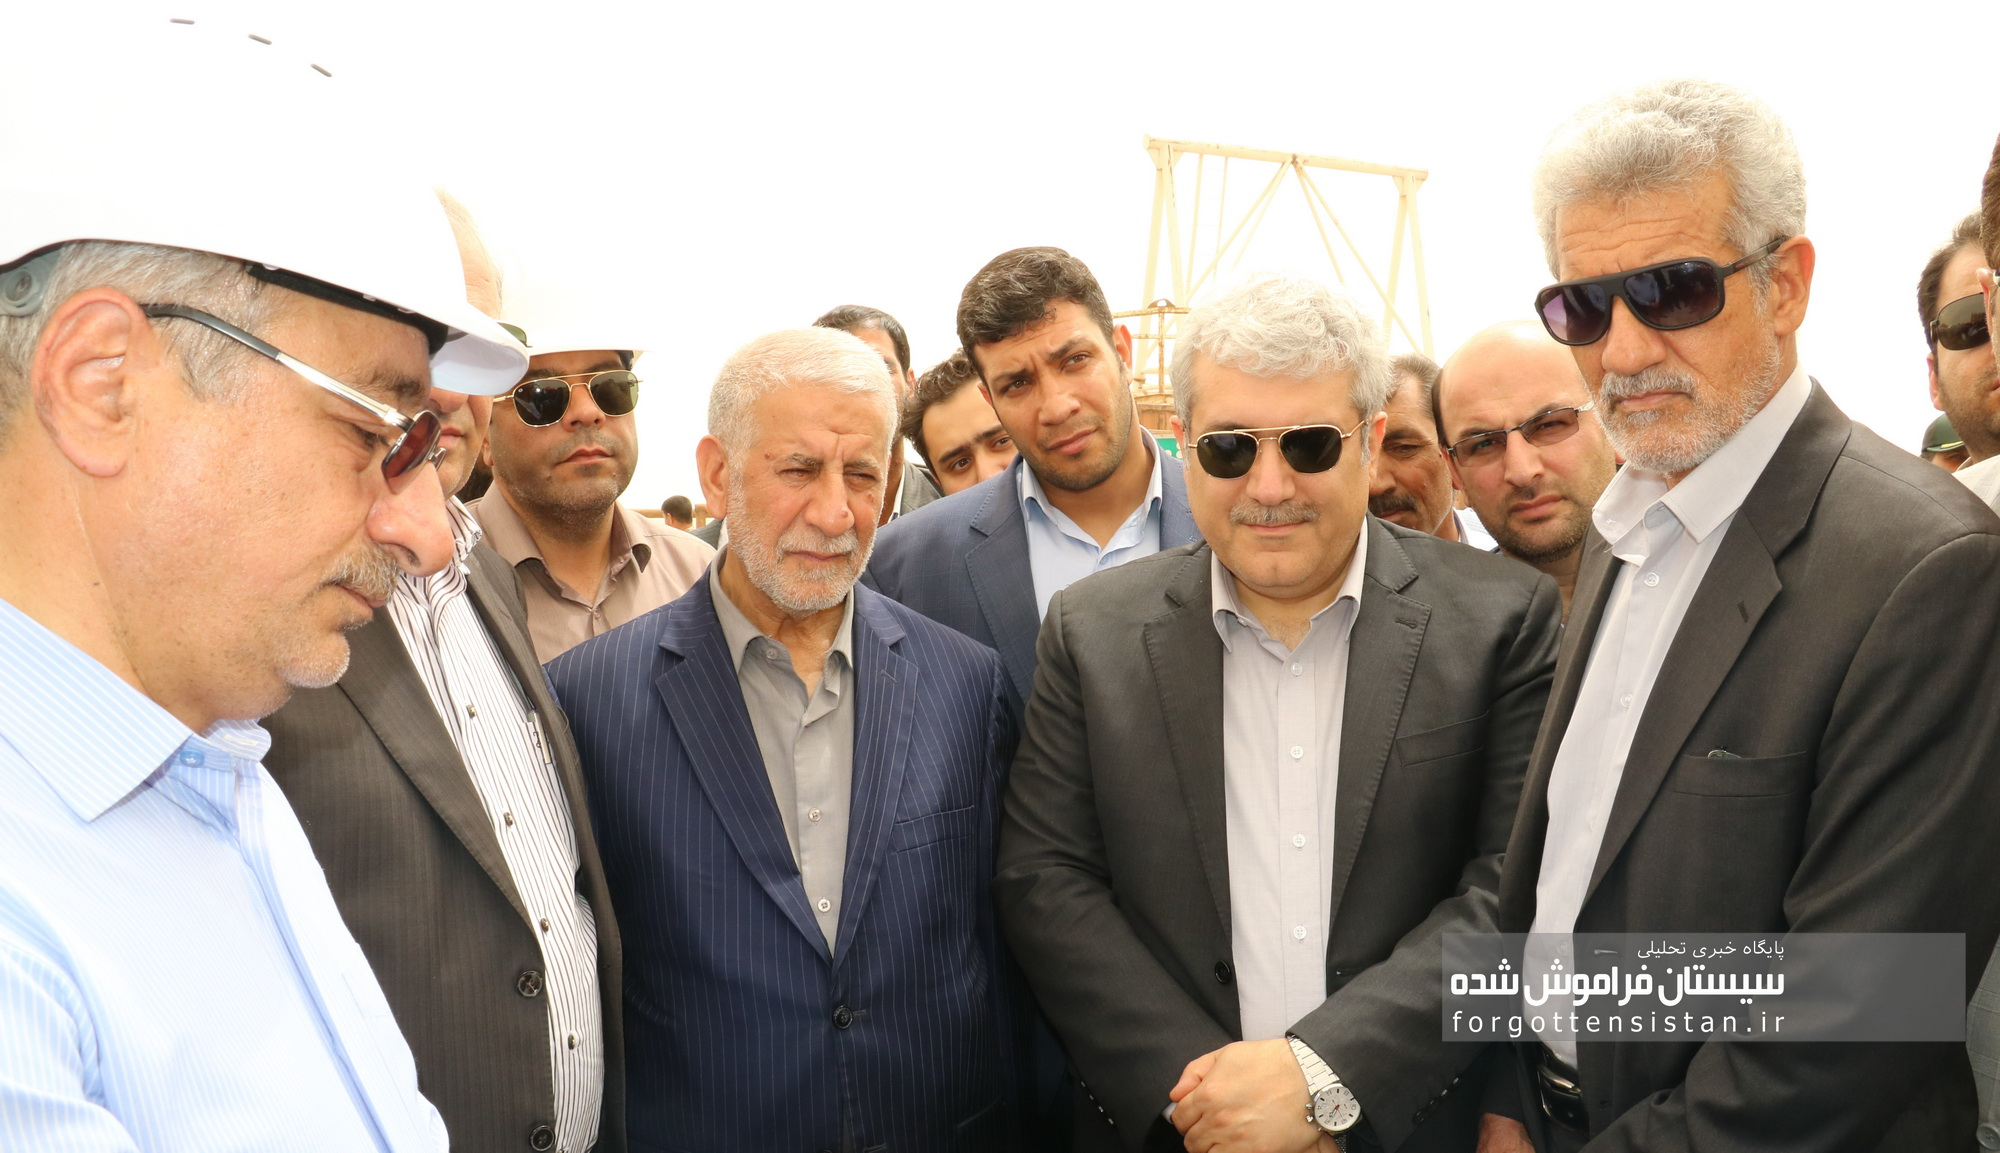 رضا اردکانیان:یک مورد آب ژرف در زابل داریم که مطالعه برای شناسایی آن توسط پیمانکار ایرانی در حال انجام است